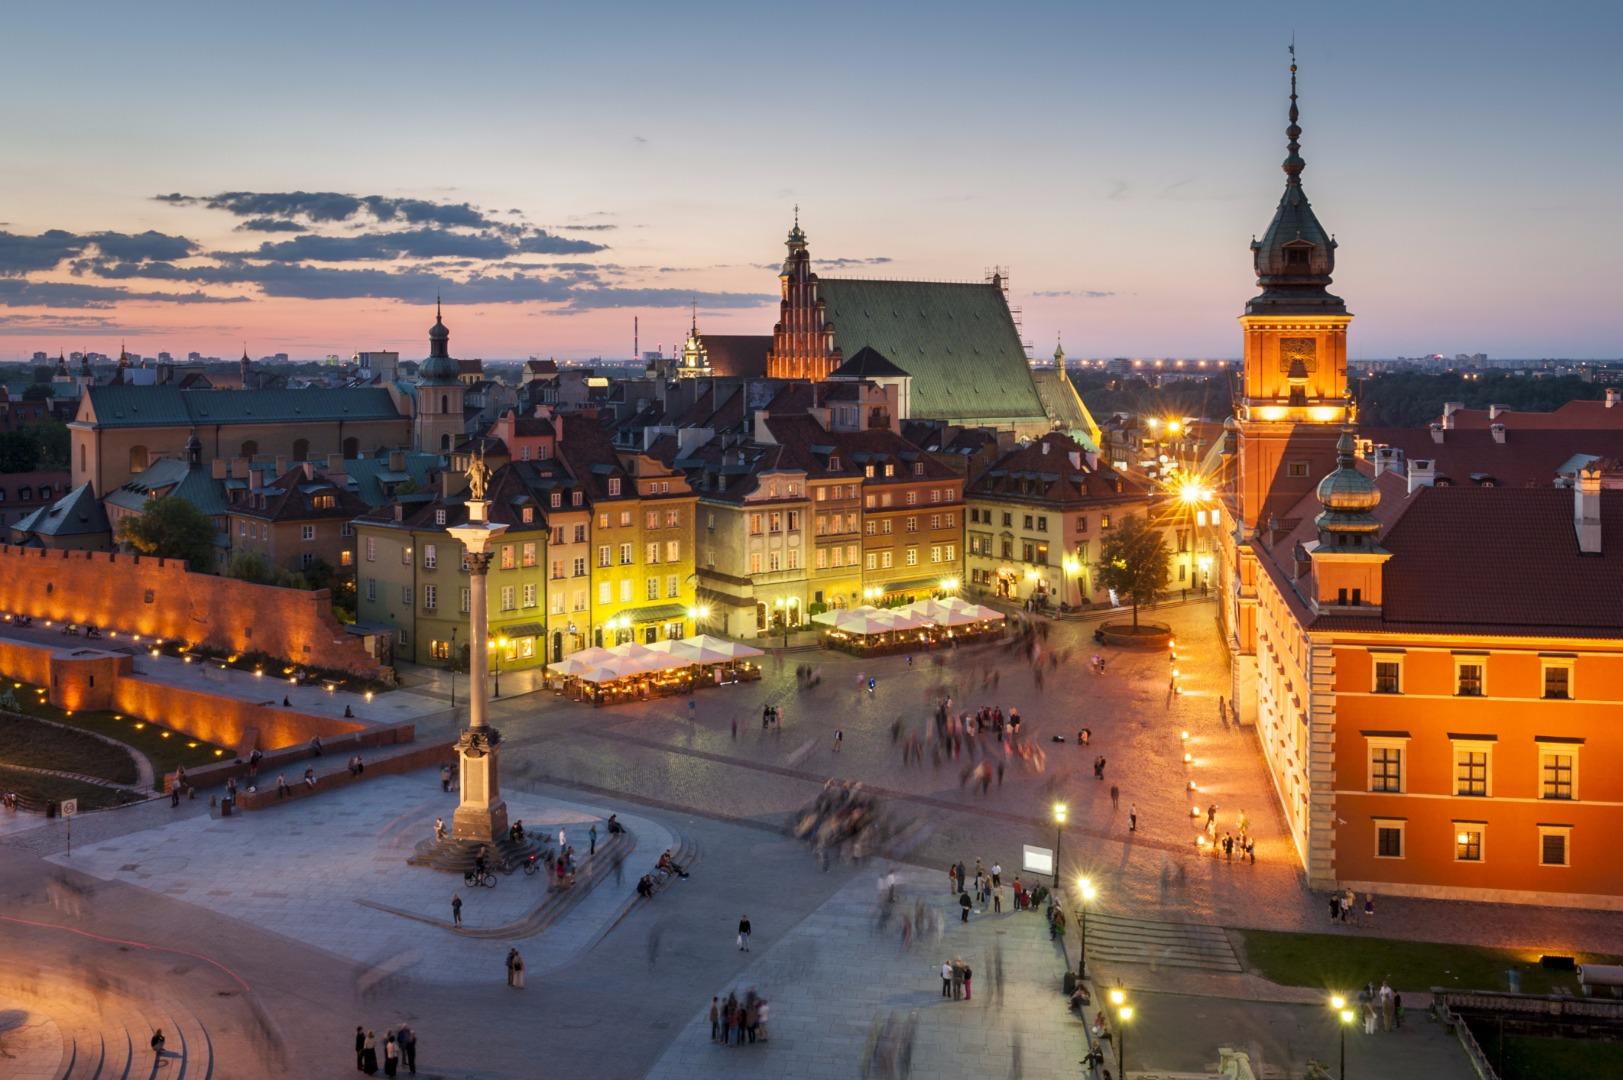 Польша достопримечательности фото и описание